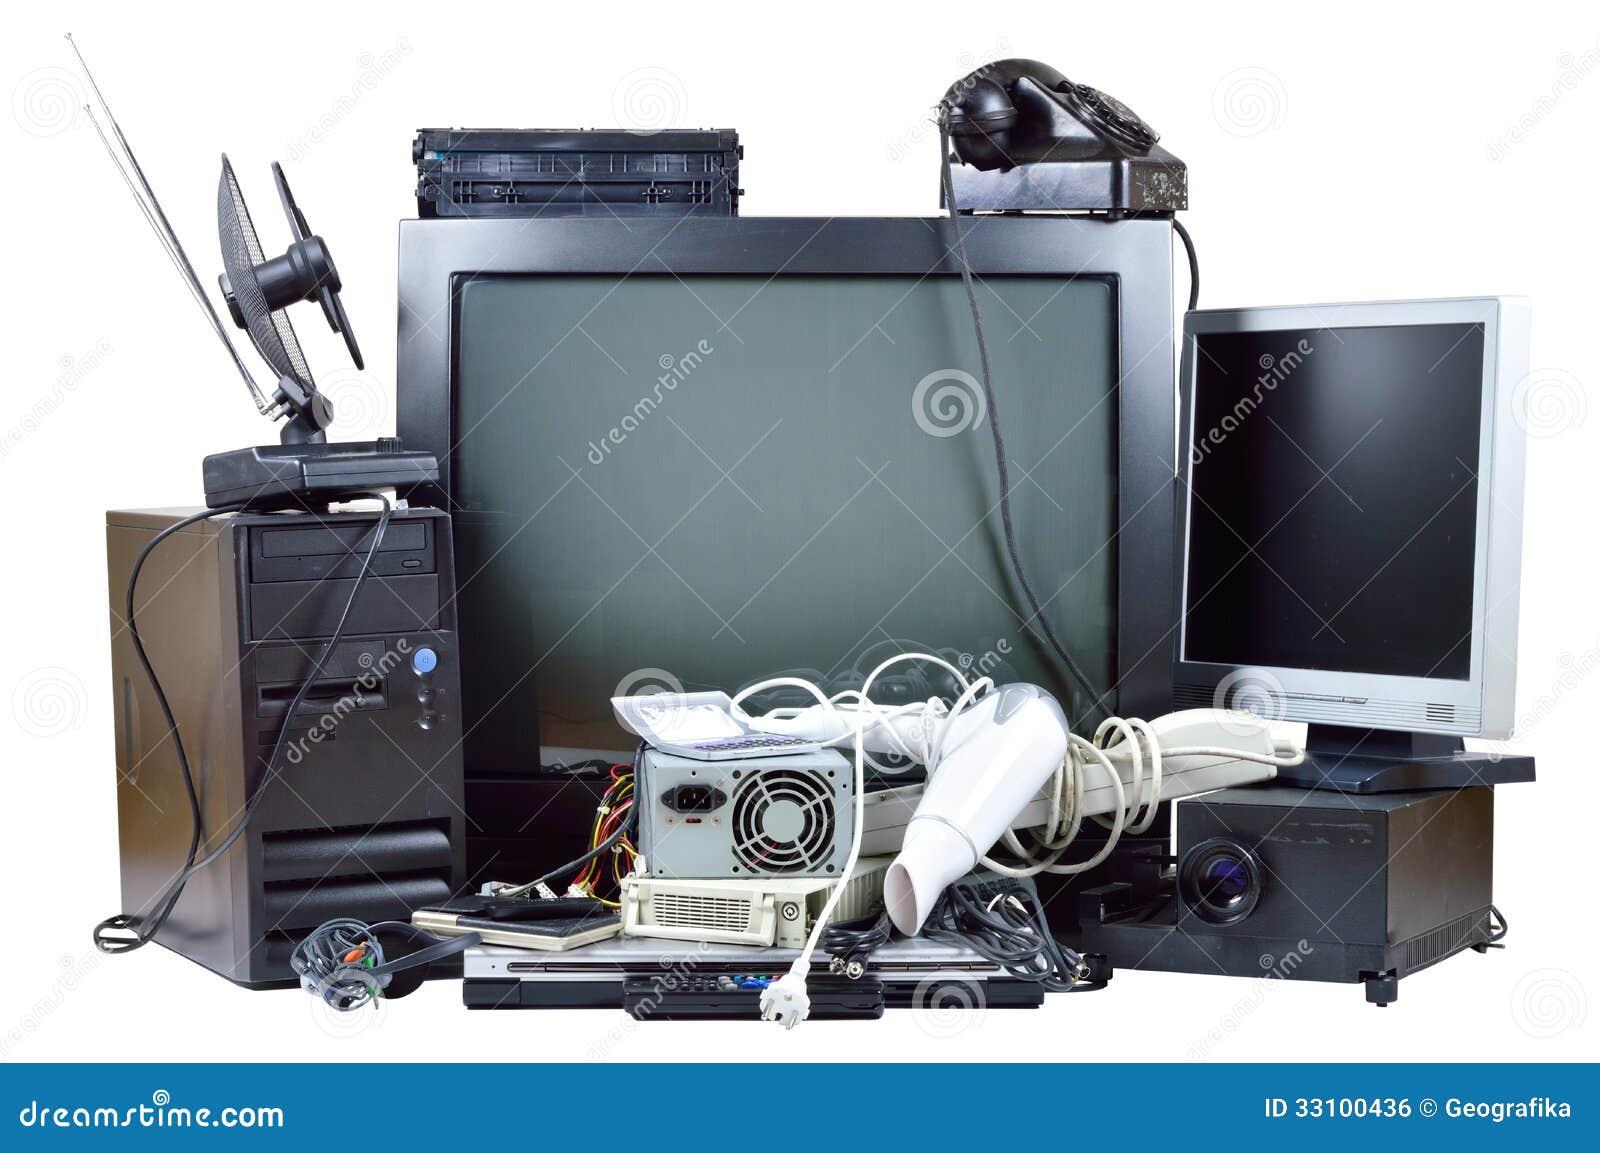 Oud en gebruikt elektrisch huisafval.